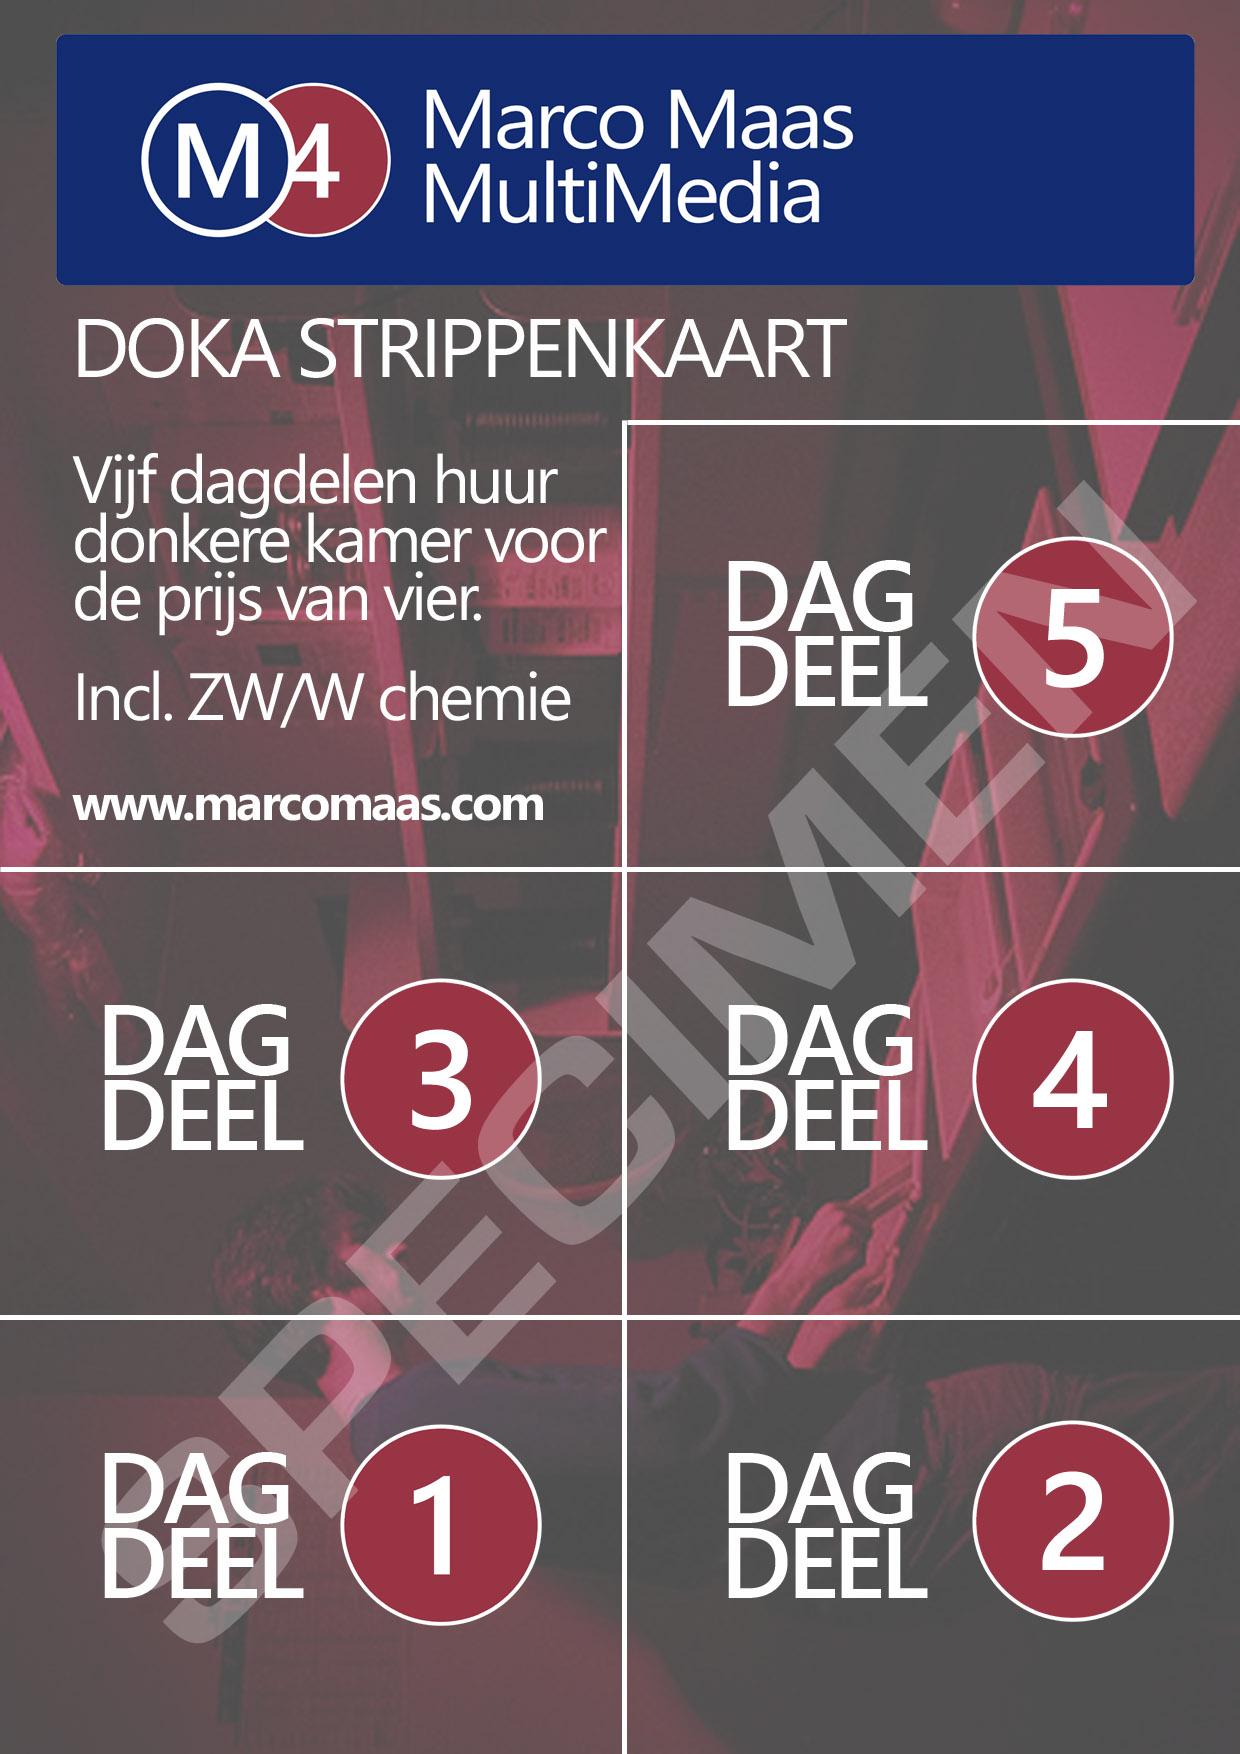 Huur de Doka voordelig met de strippenkaart!